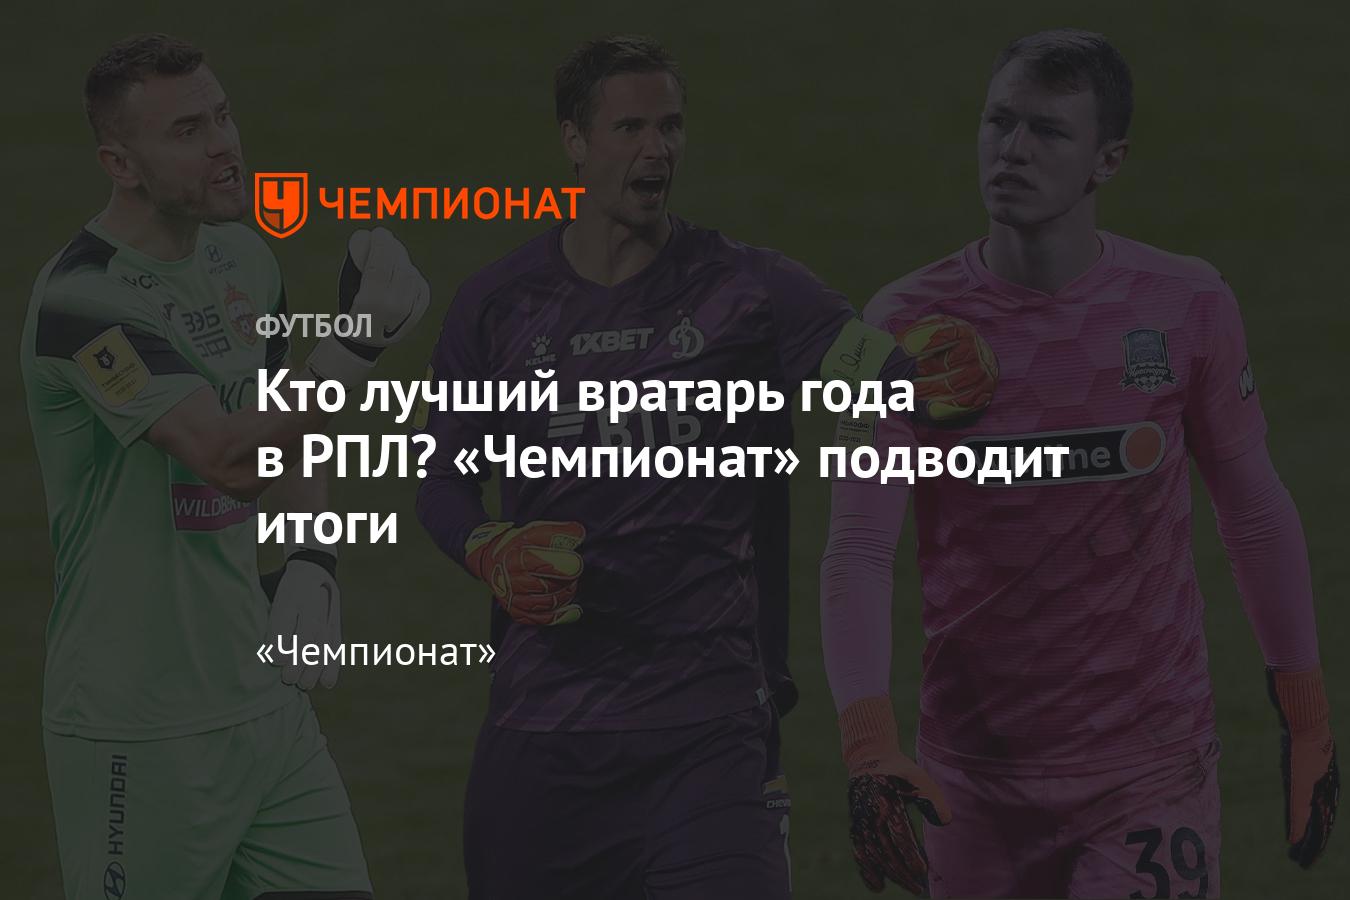 Лучший вратарь 2020 году в РПЛ: Игорь Акинфеев, Антон Шунин, Матвей Сафонов